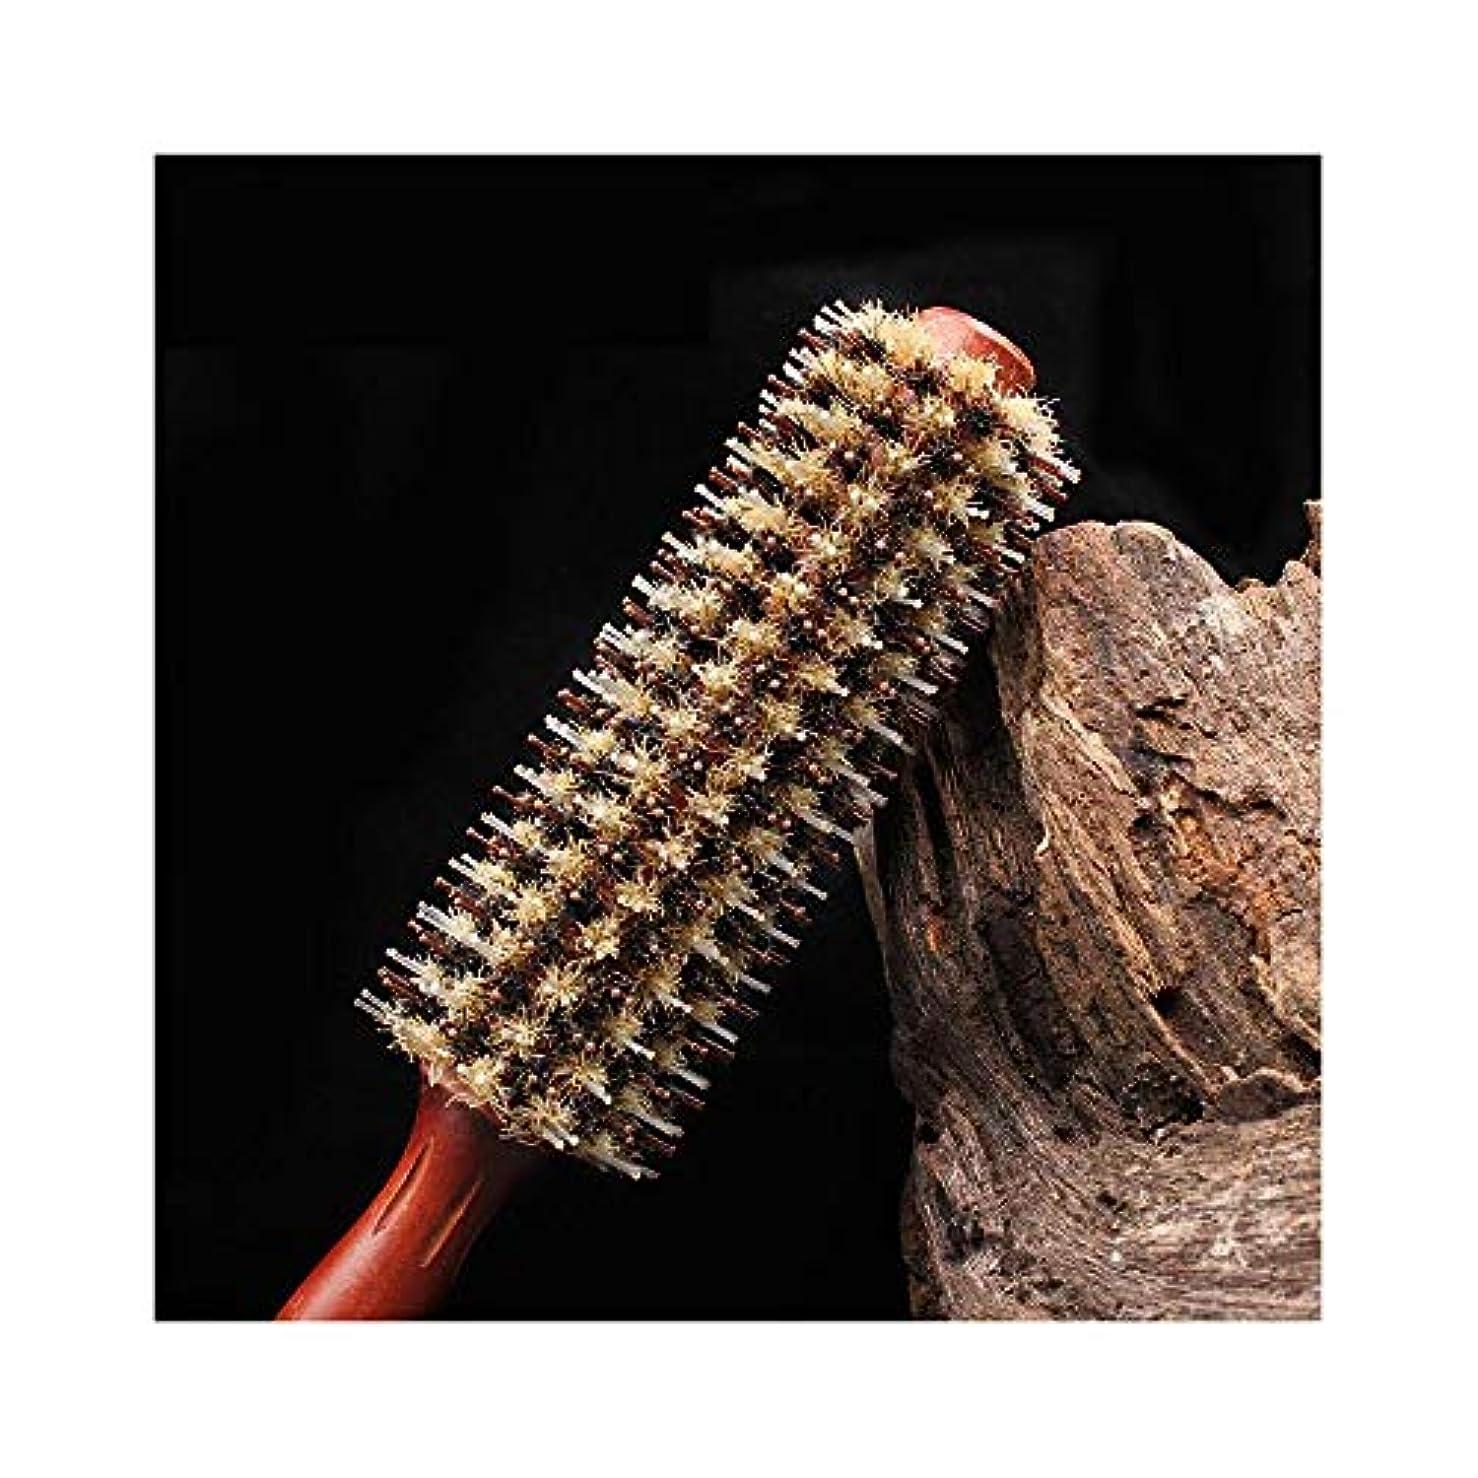 キラウエア山トランザクション望ましいすべての髪のウッドナチュラルイノシシ剛毛ヘアコームについてはFashian木製ラウンドヘアブラシ ヘアケア (サイズ : 20 rows)